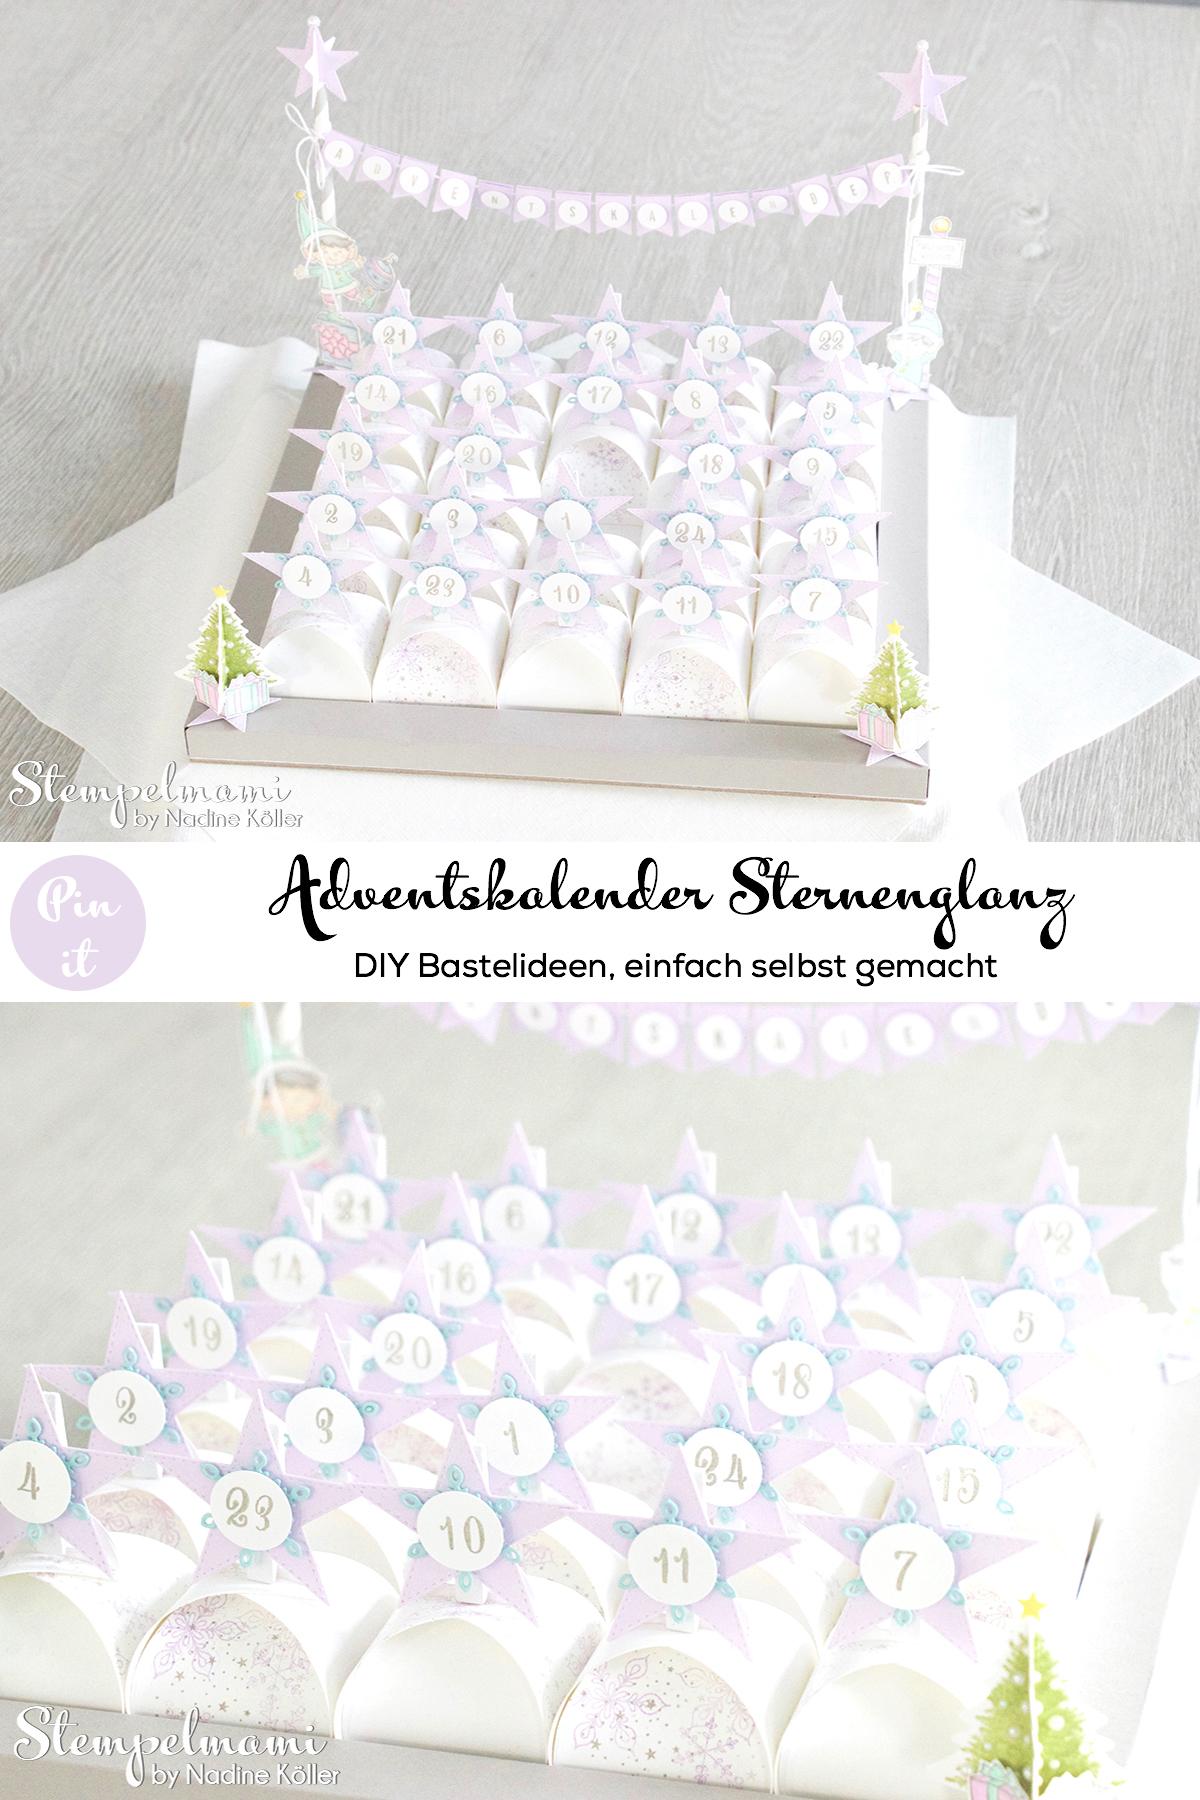 Stampin Up Mein Adventskalender Sternenglanz Stempelmami 11